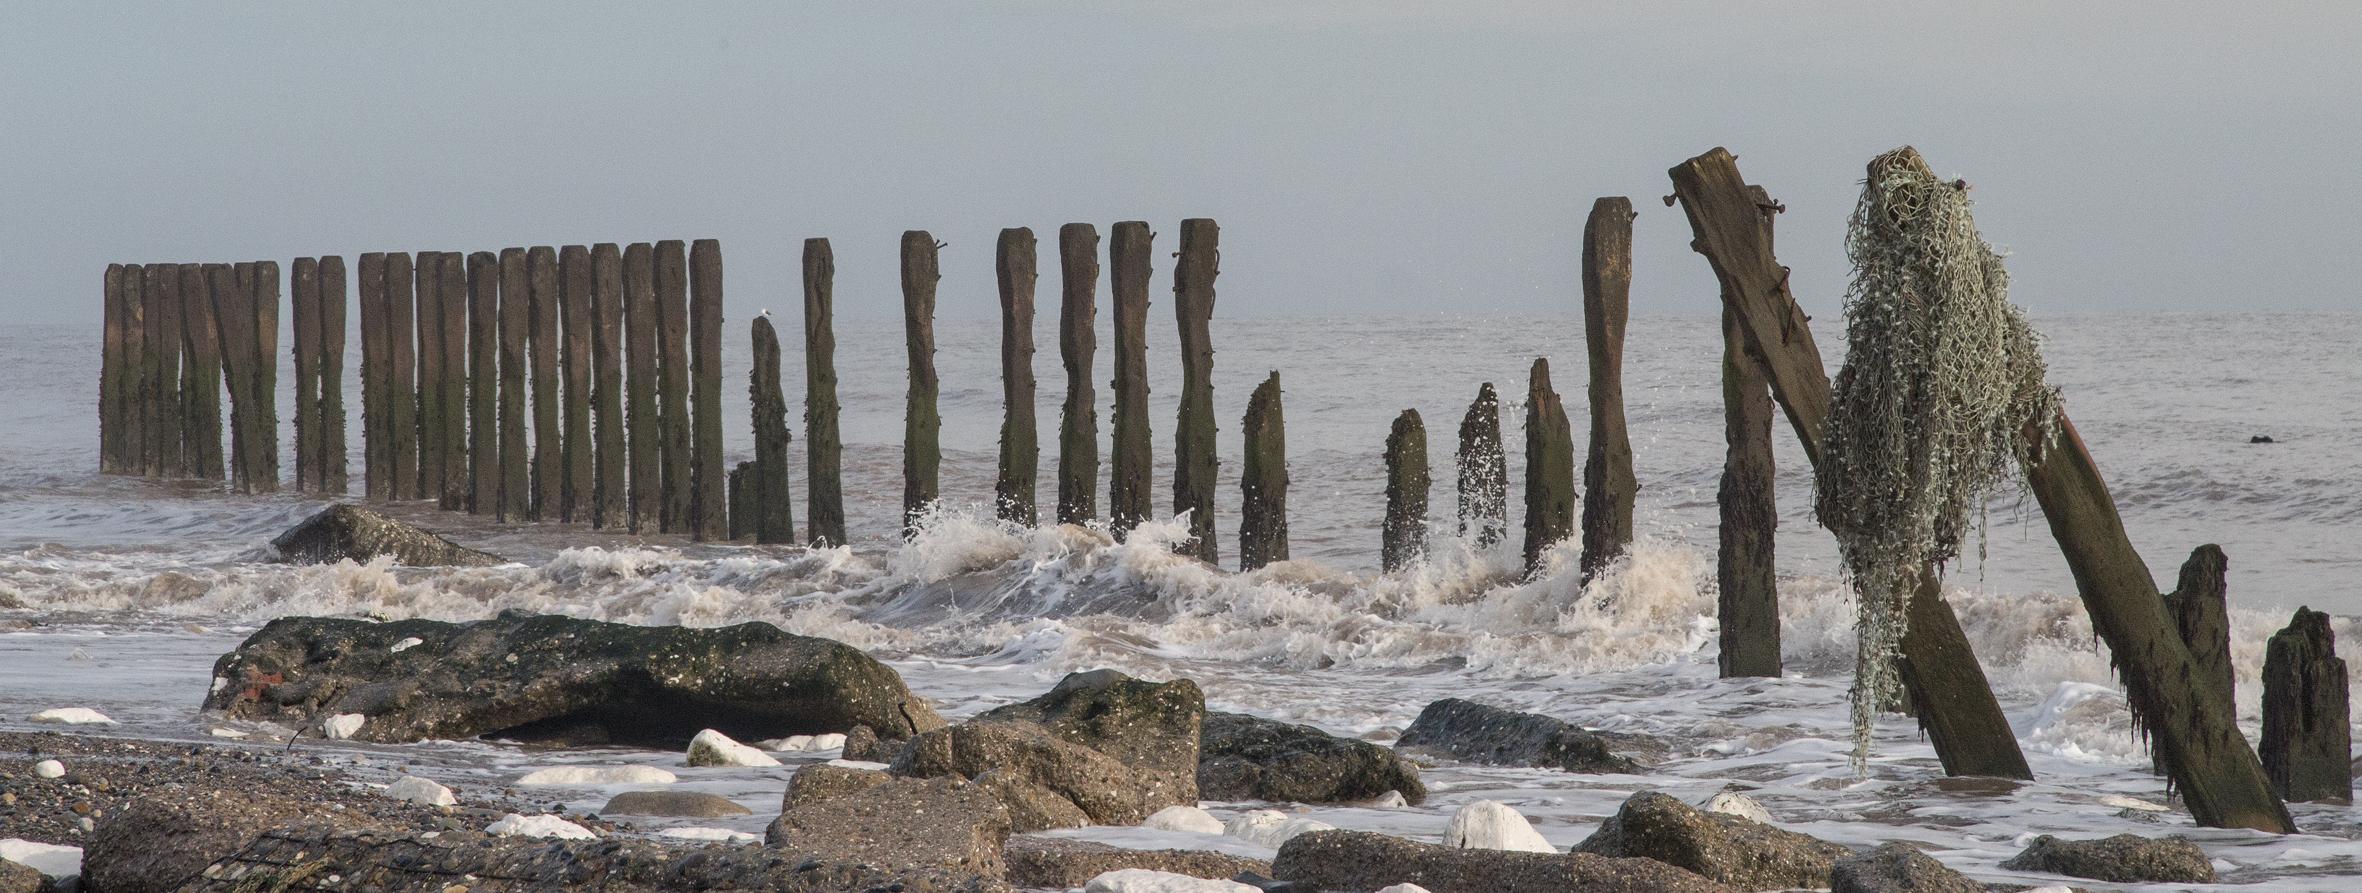 Groynes in the sea